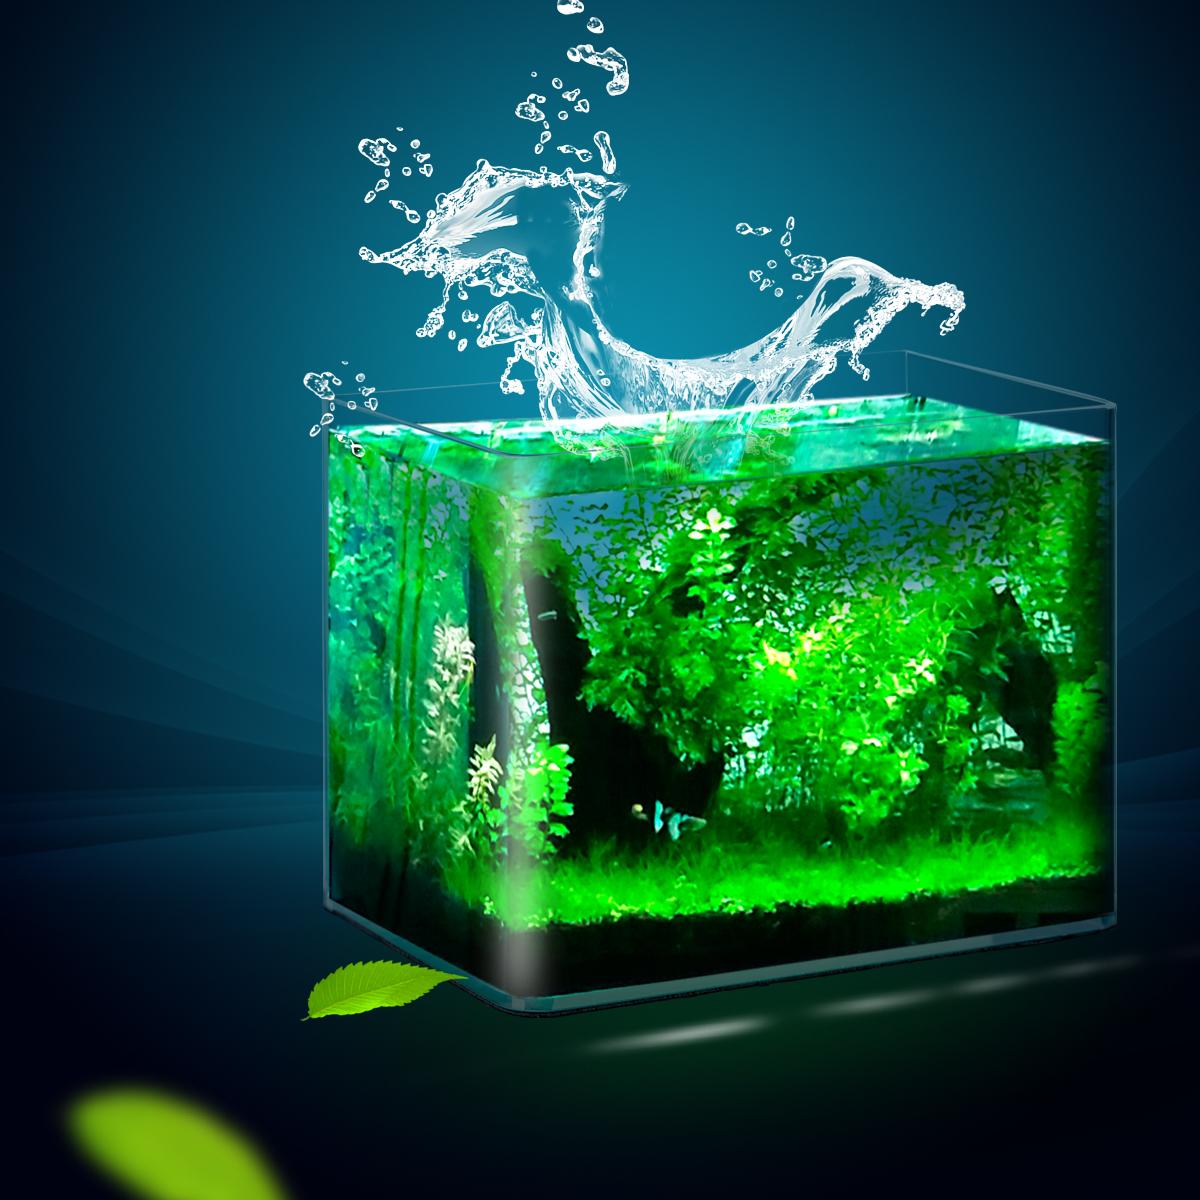 聚宝源 热弯鱼缸透明玻璃多款创意缸乌龟缸生态造景办公桌水族箱图片